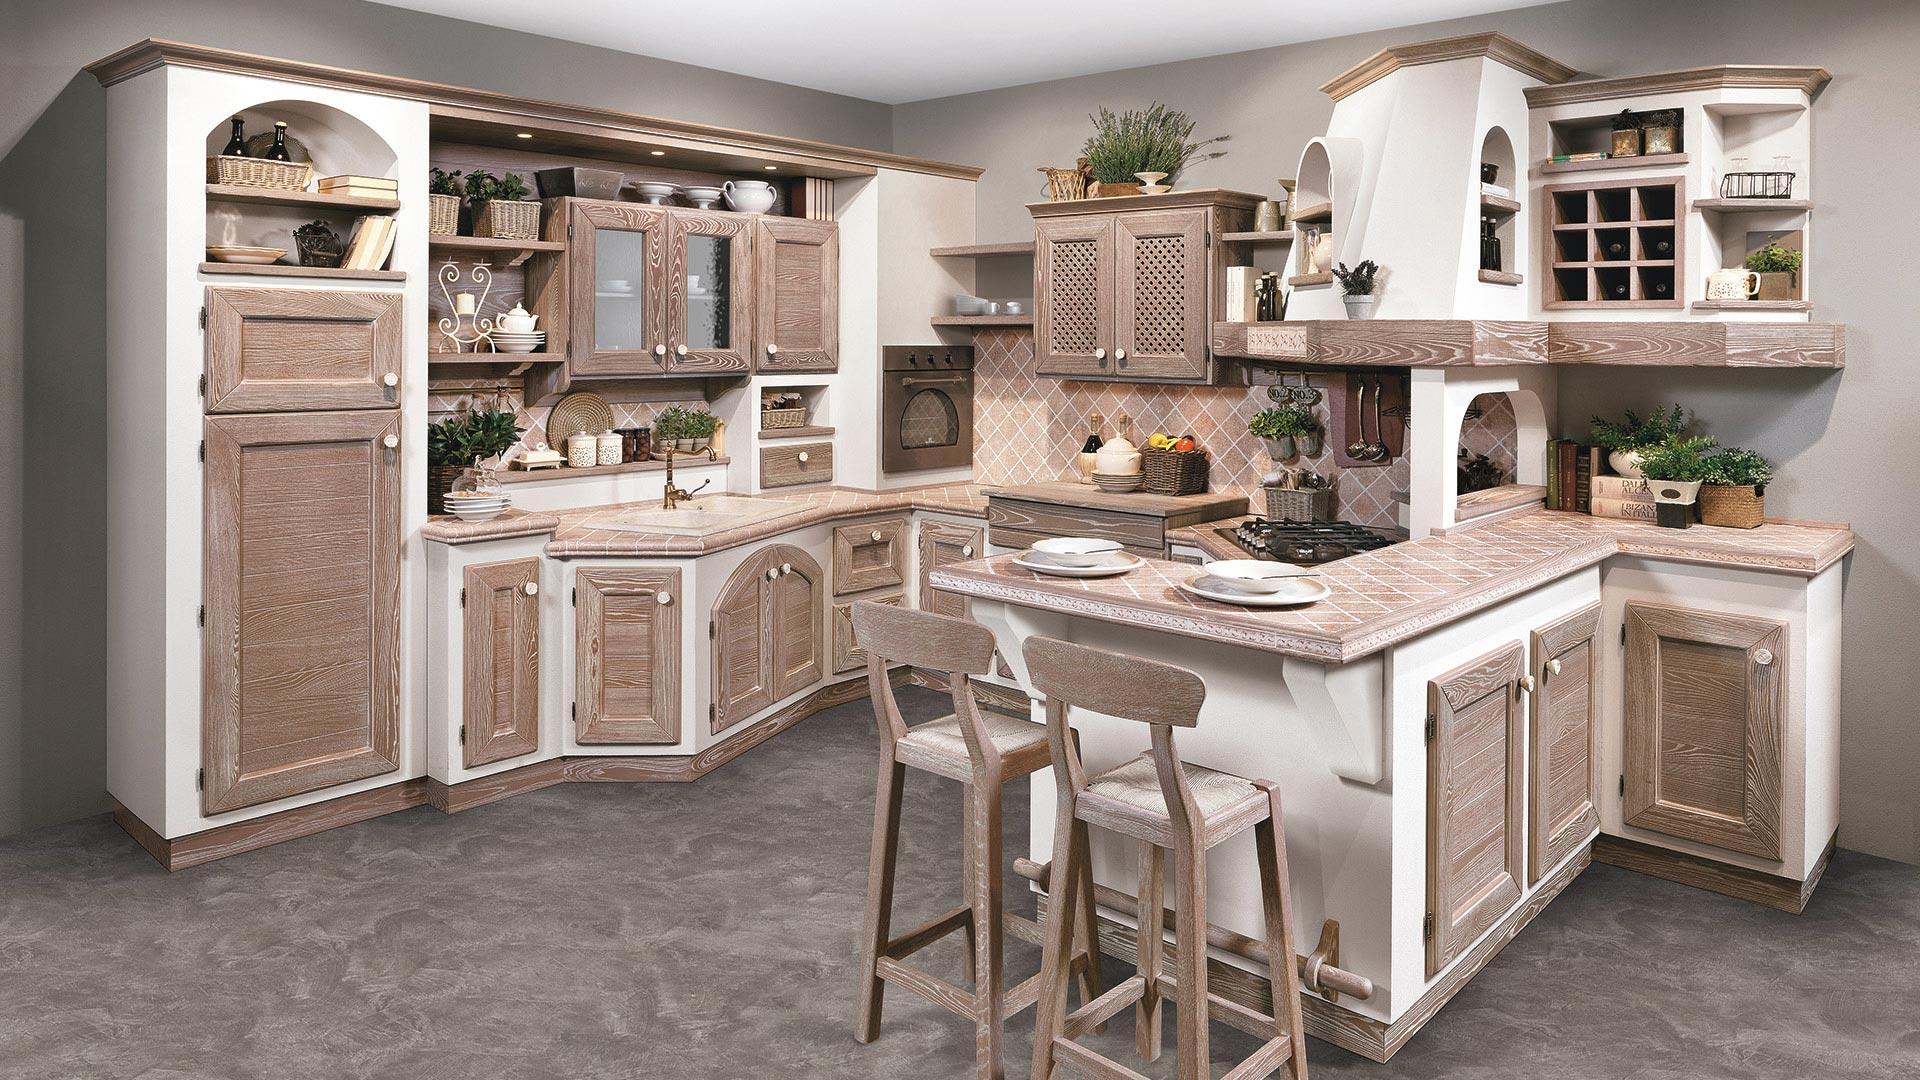 Luisa - Cucine Borgo Antico - Cucine LUBE